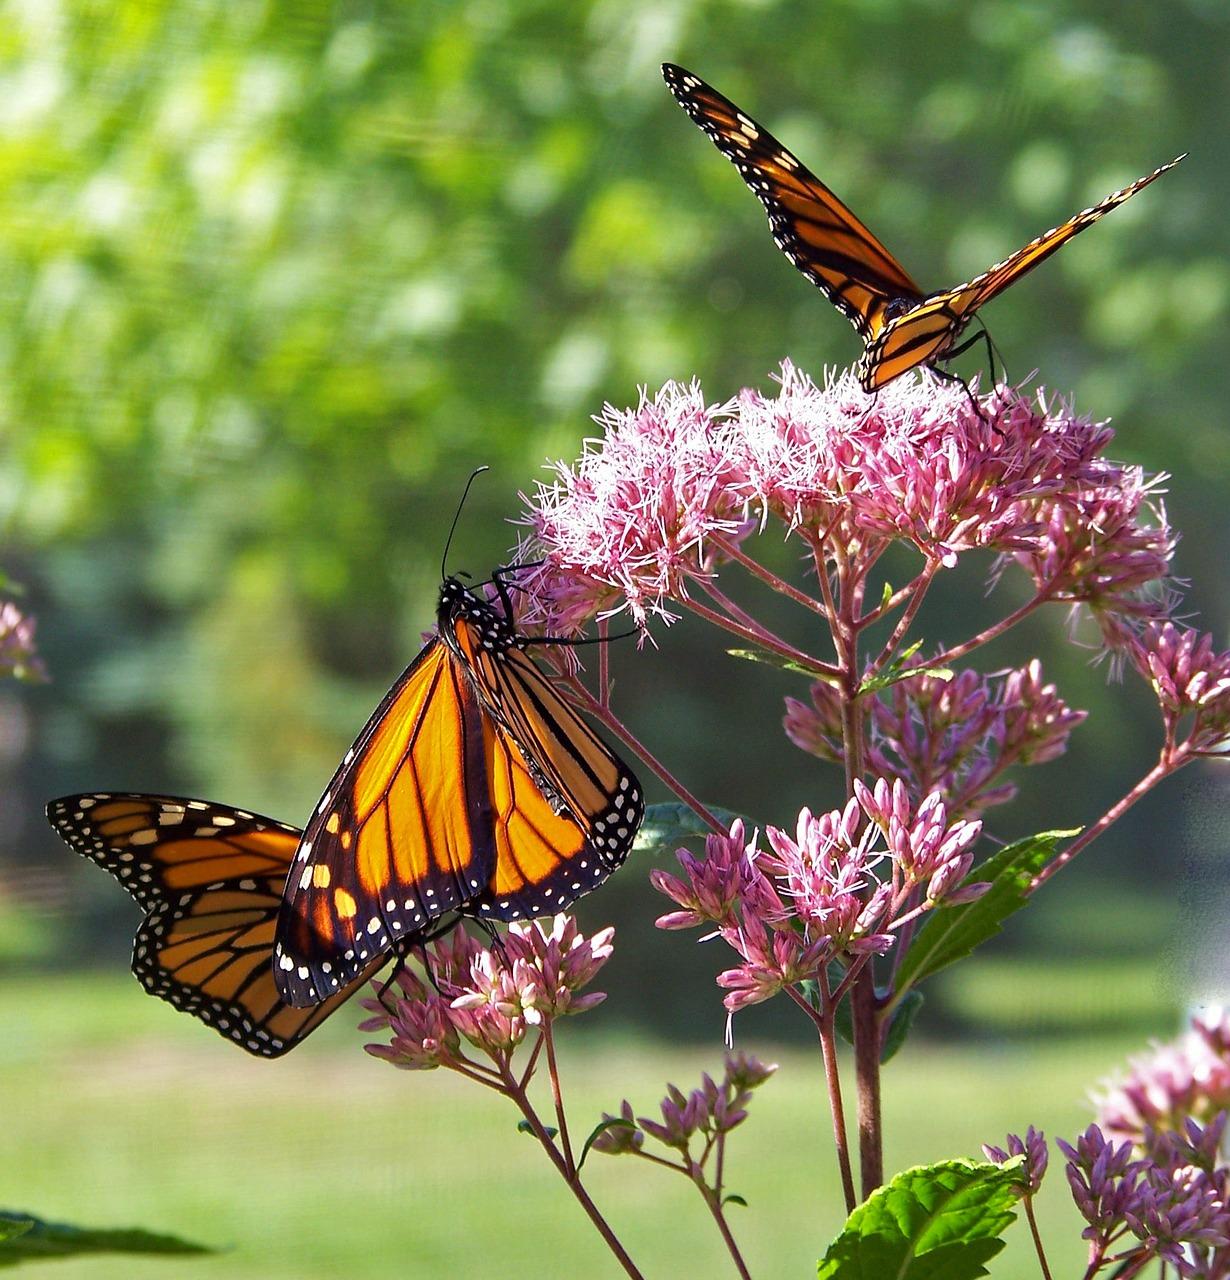 Mariposas polinizando flores